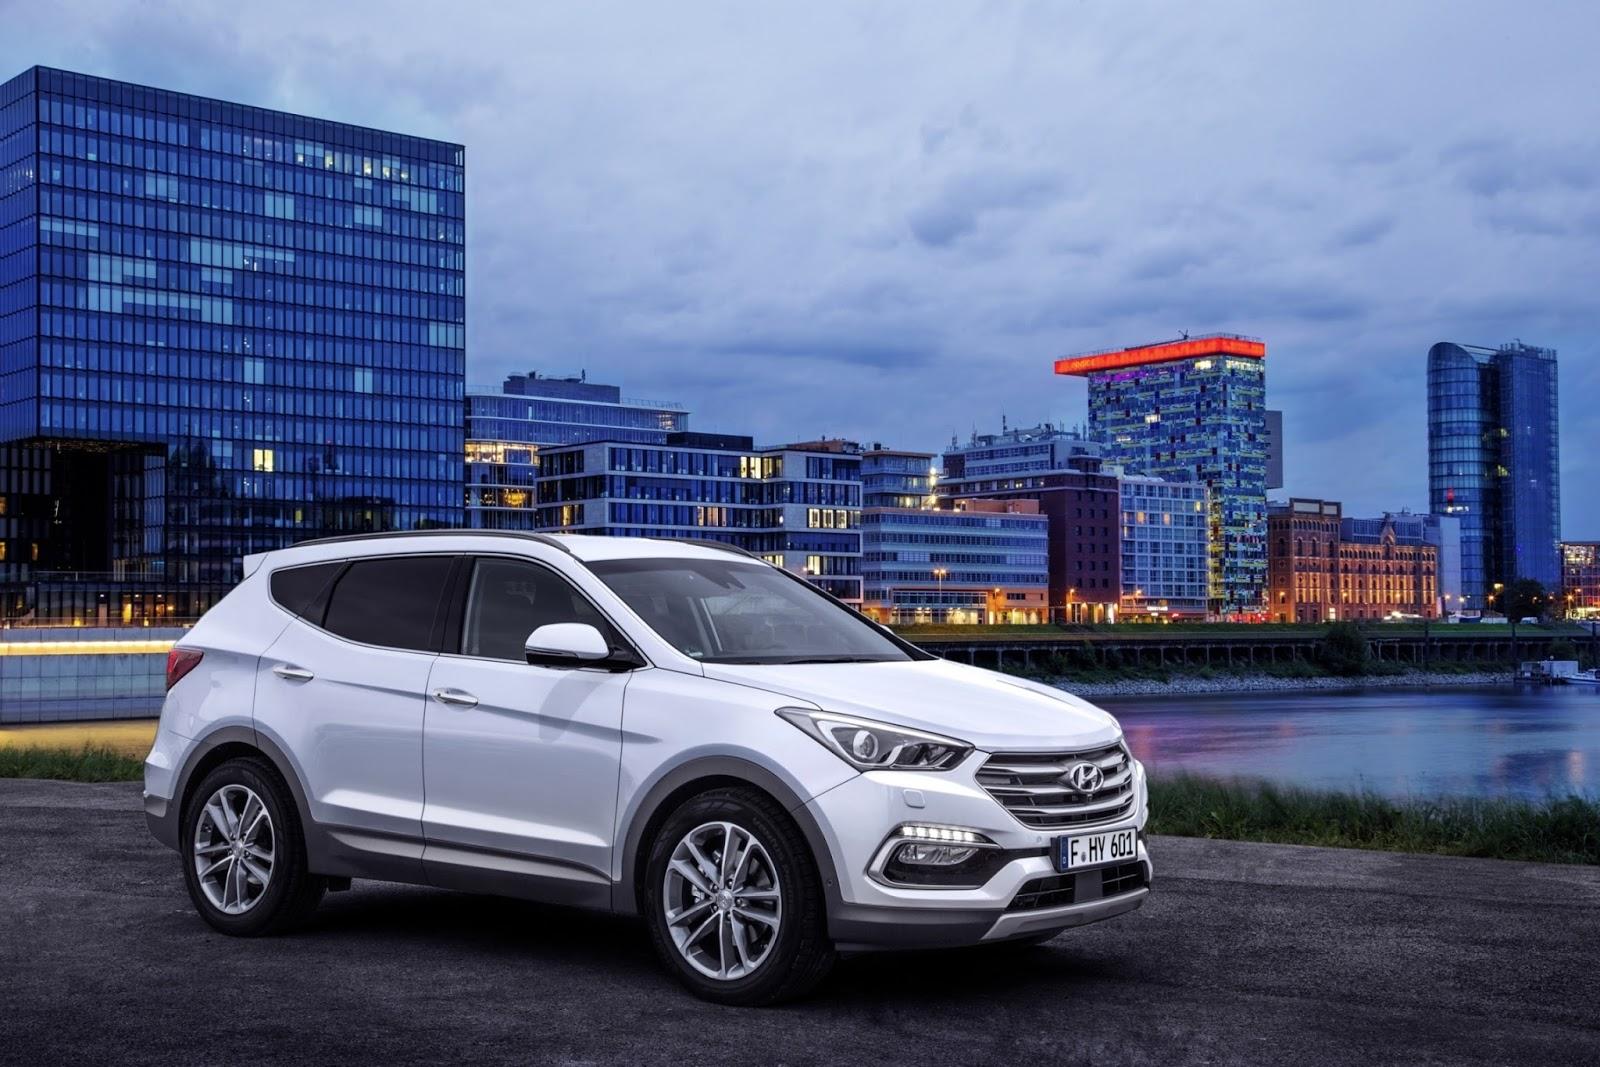 New%2BSanta%2BFe%2B%2B%25281%2529 Η Hyundai αντεπιτίθεται στη Φρανκφούρτη! Android Auto, autoshow, Frankfurt Motor Show, Hyundai, Hyundai i20, Hyundai Motor, Hyundai Santa Fe